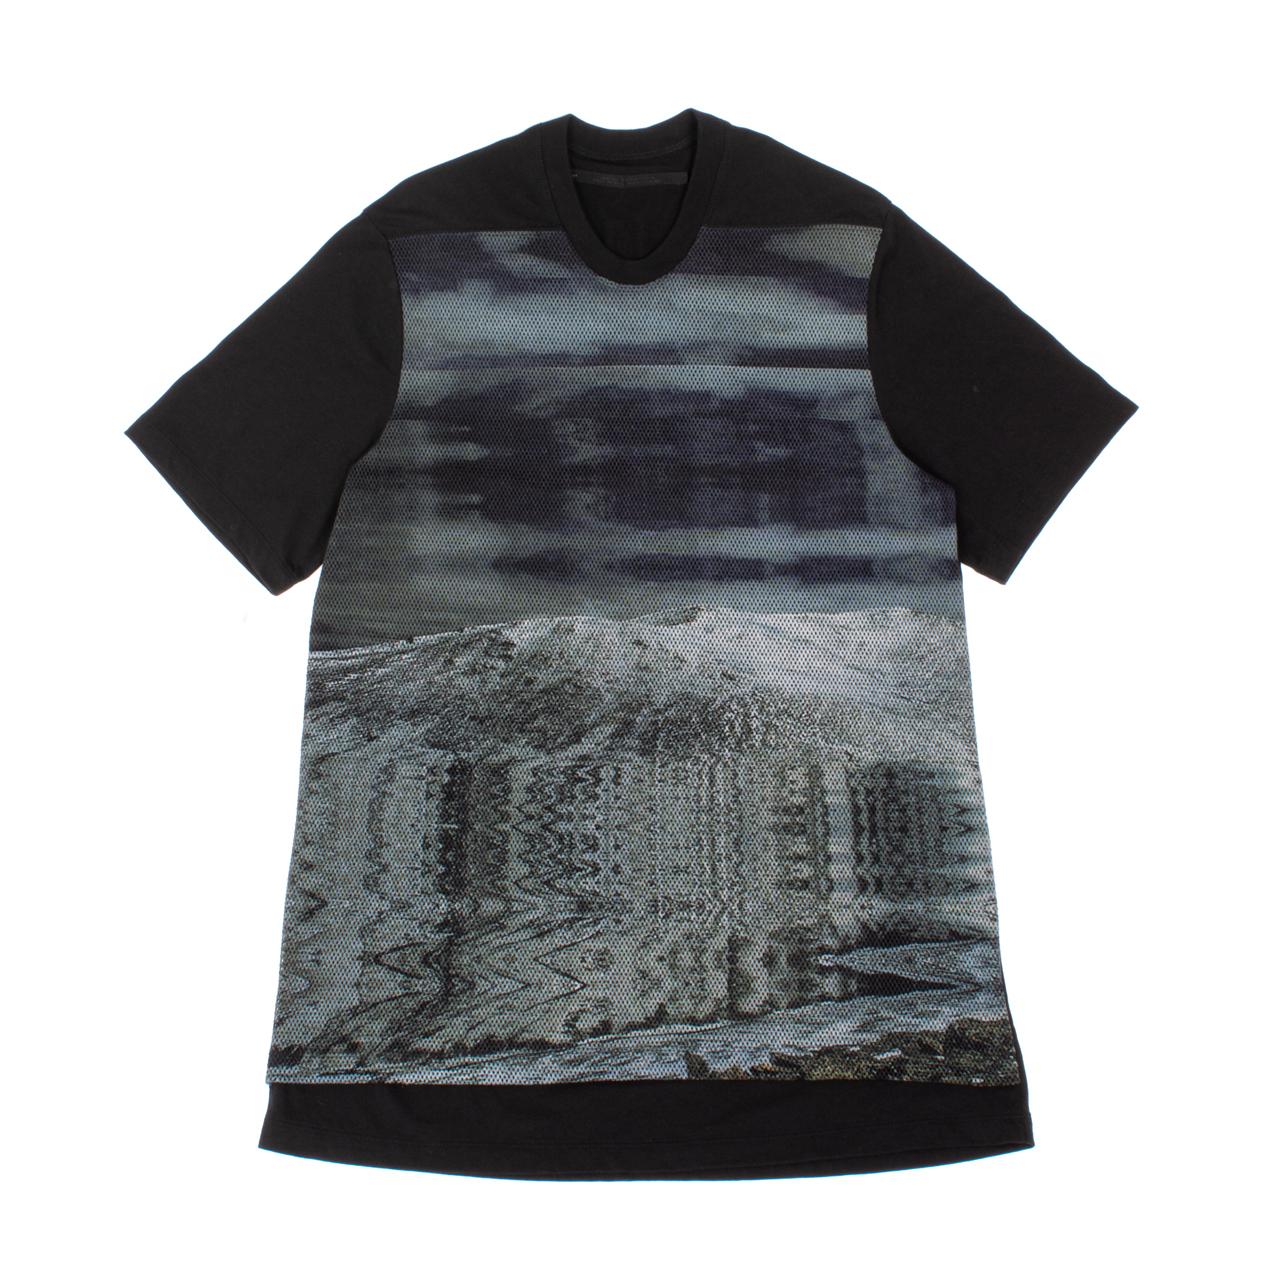 707CUM8-P-BLACK / アバランチメッシュプリントTシャツ